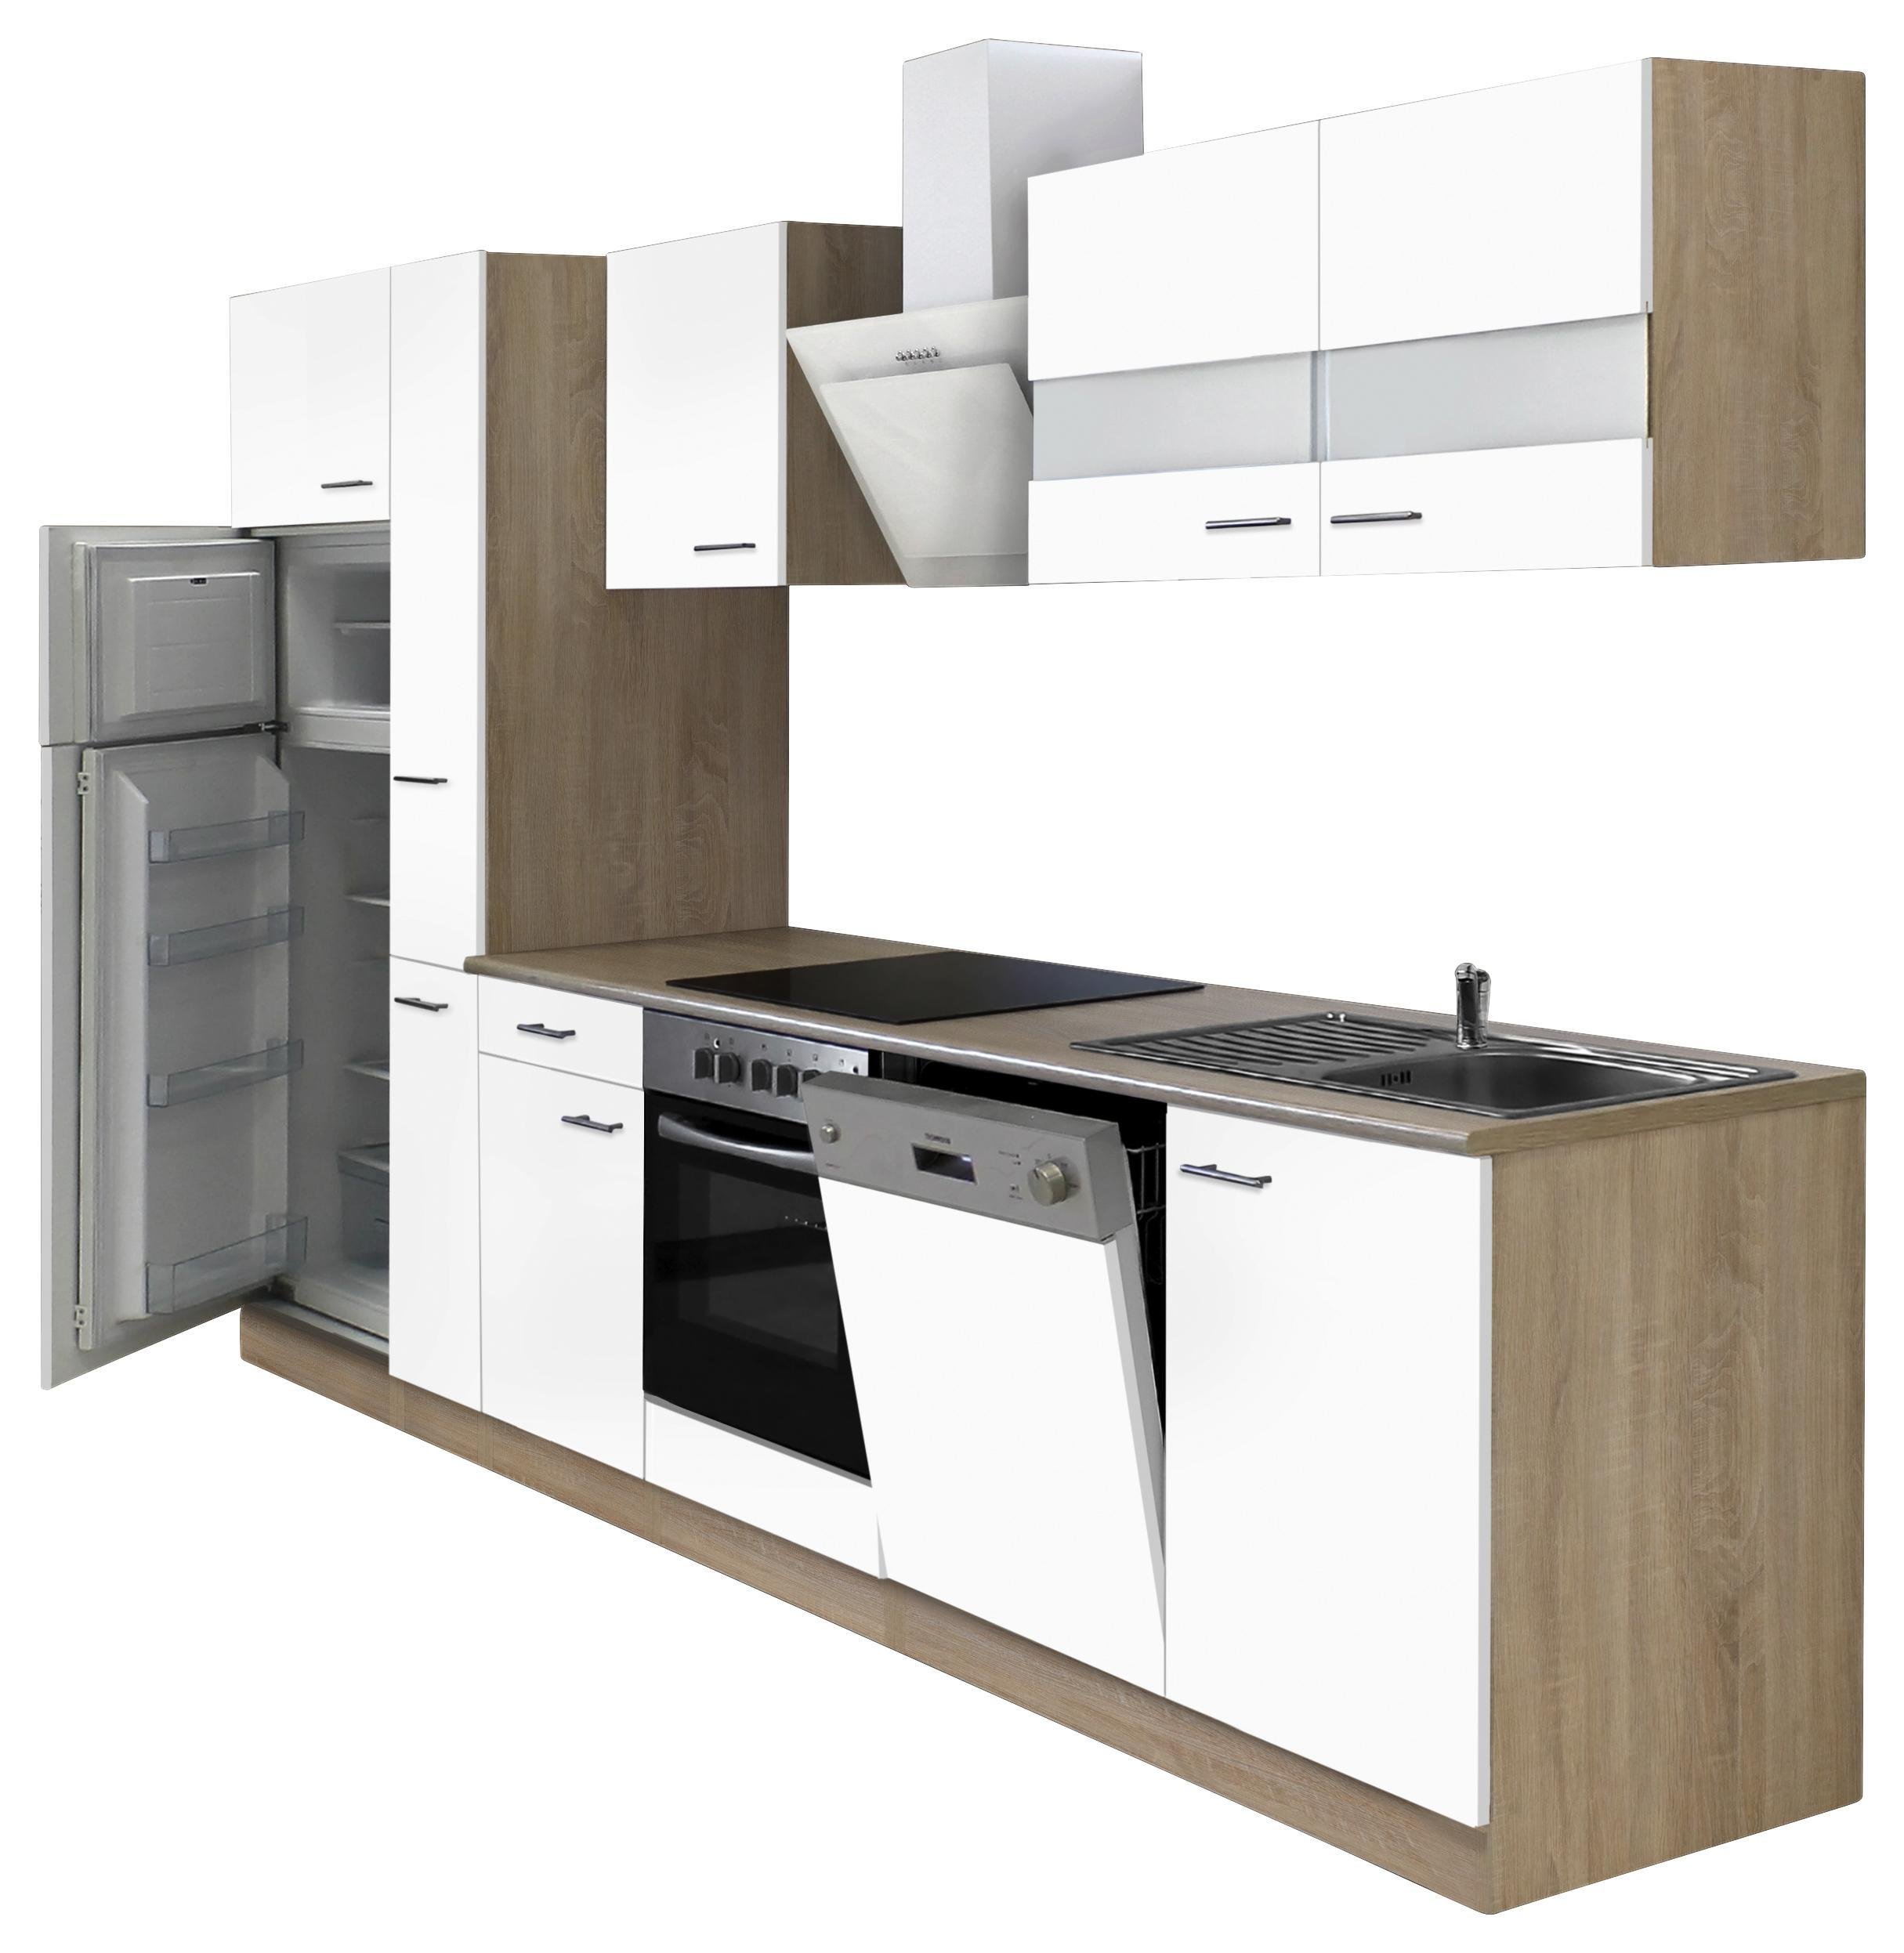 Full Size of Nolte Apothekerschrank Kche Online Kaufen Kchen Produkte Mmax Küche Schlafzimmer Betten Wohnzimmer Nolte Apothekerschrank